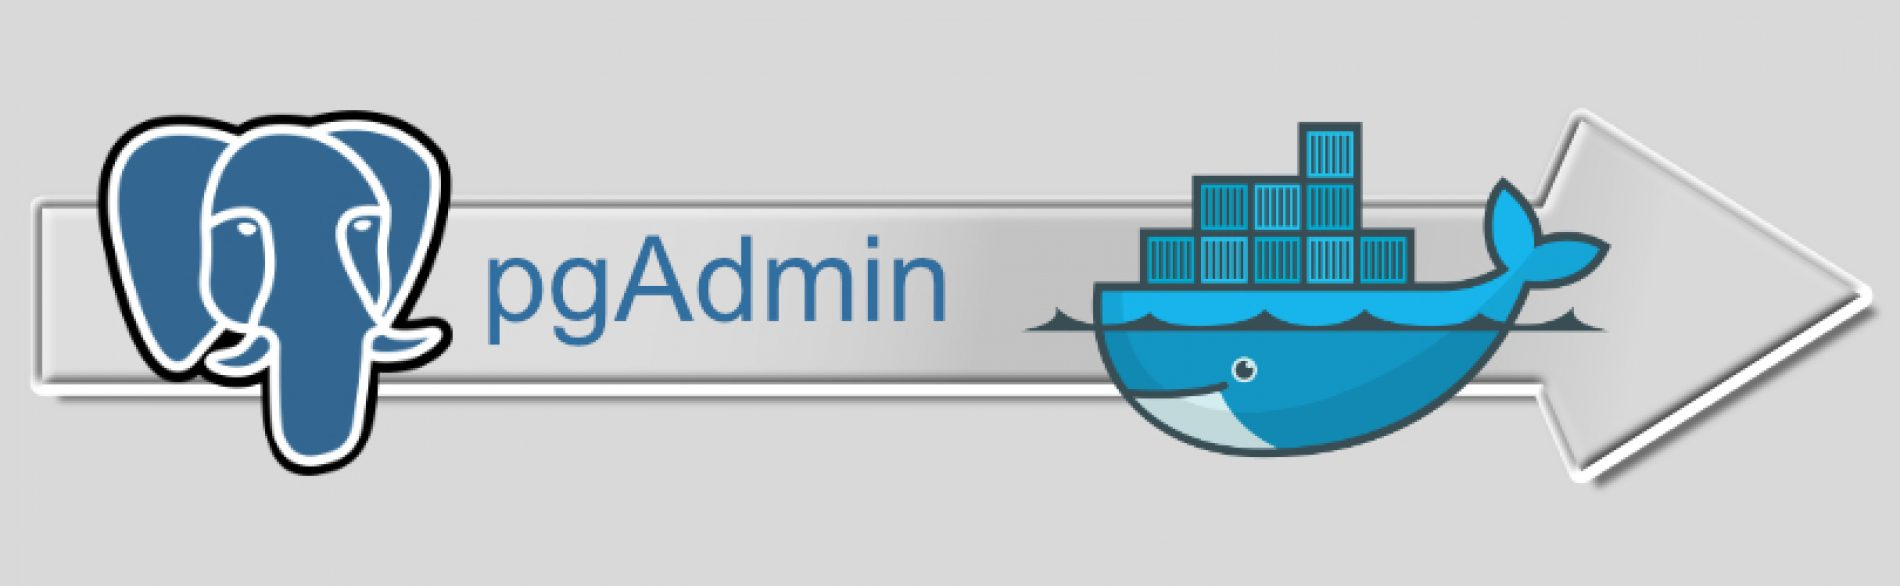 Instalando pgAdmin4 via Docker